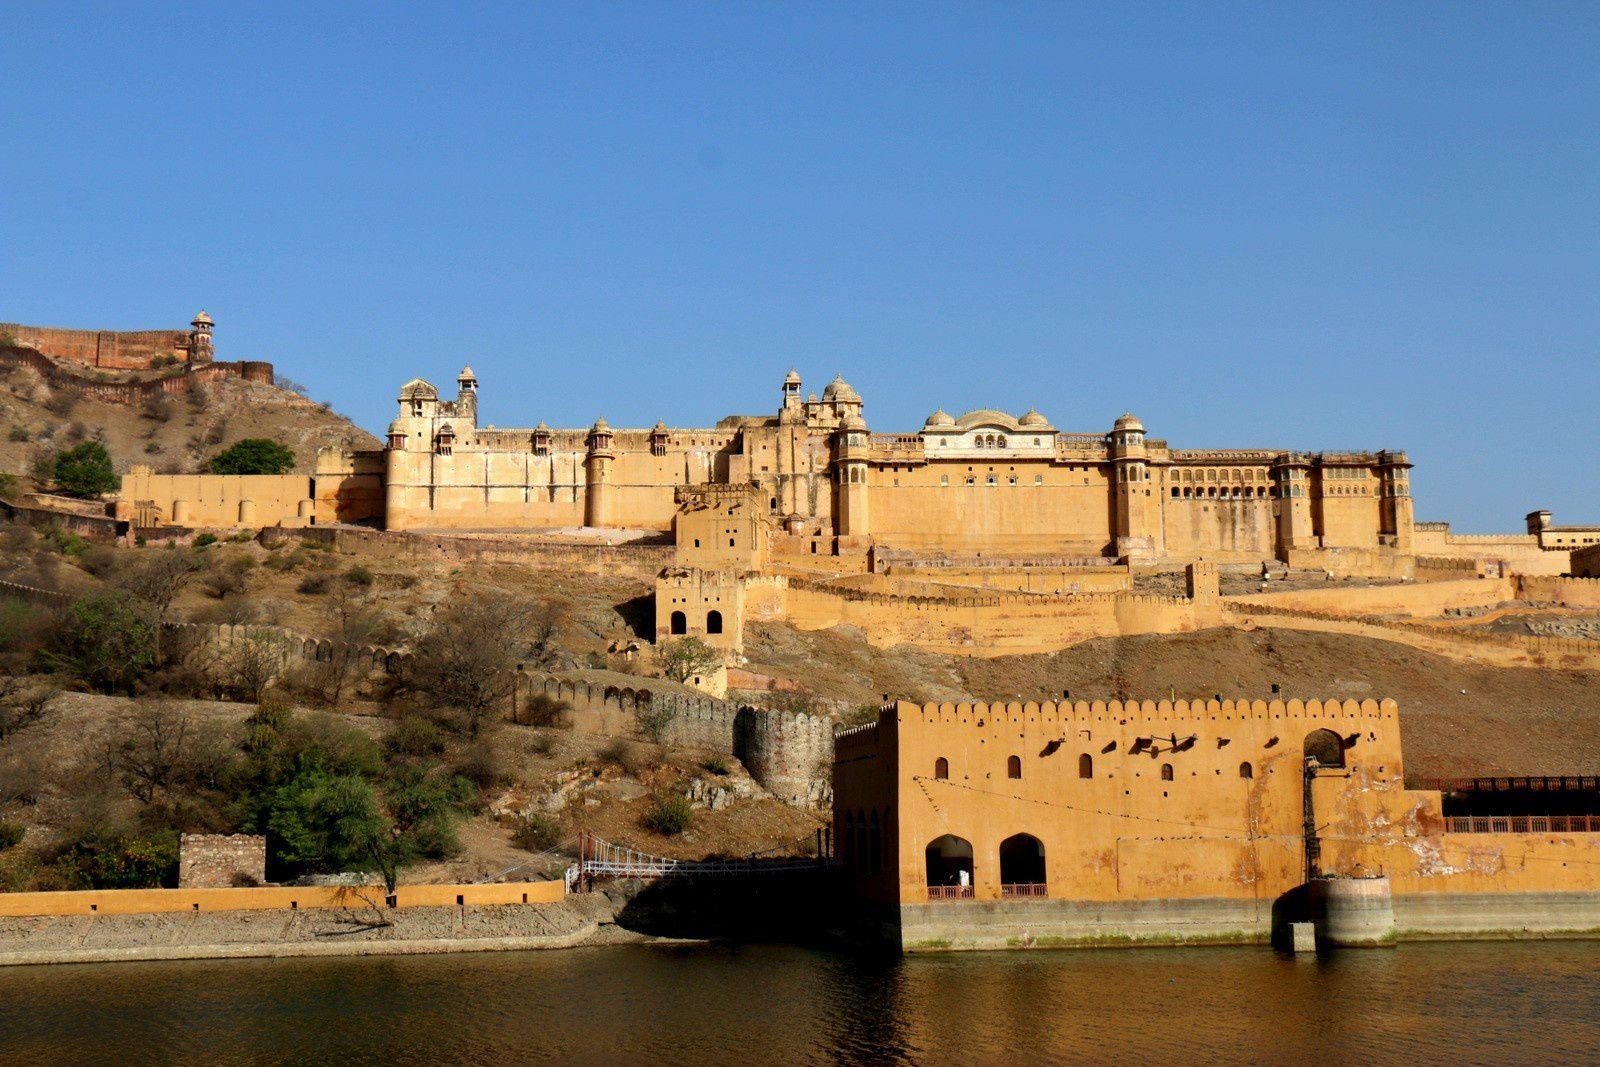 Forts d'Amber et de Jaigarh, Rajasthan (Inde)